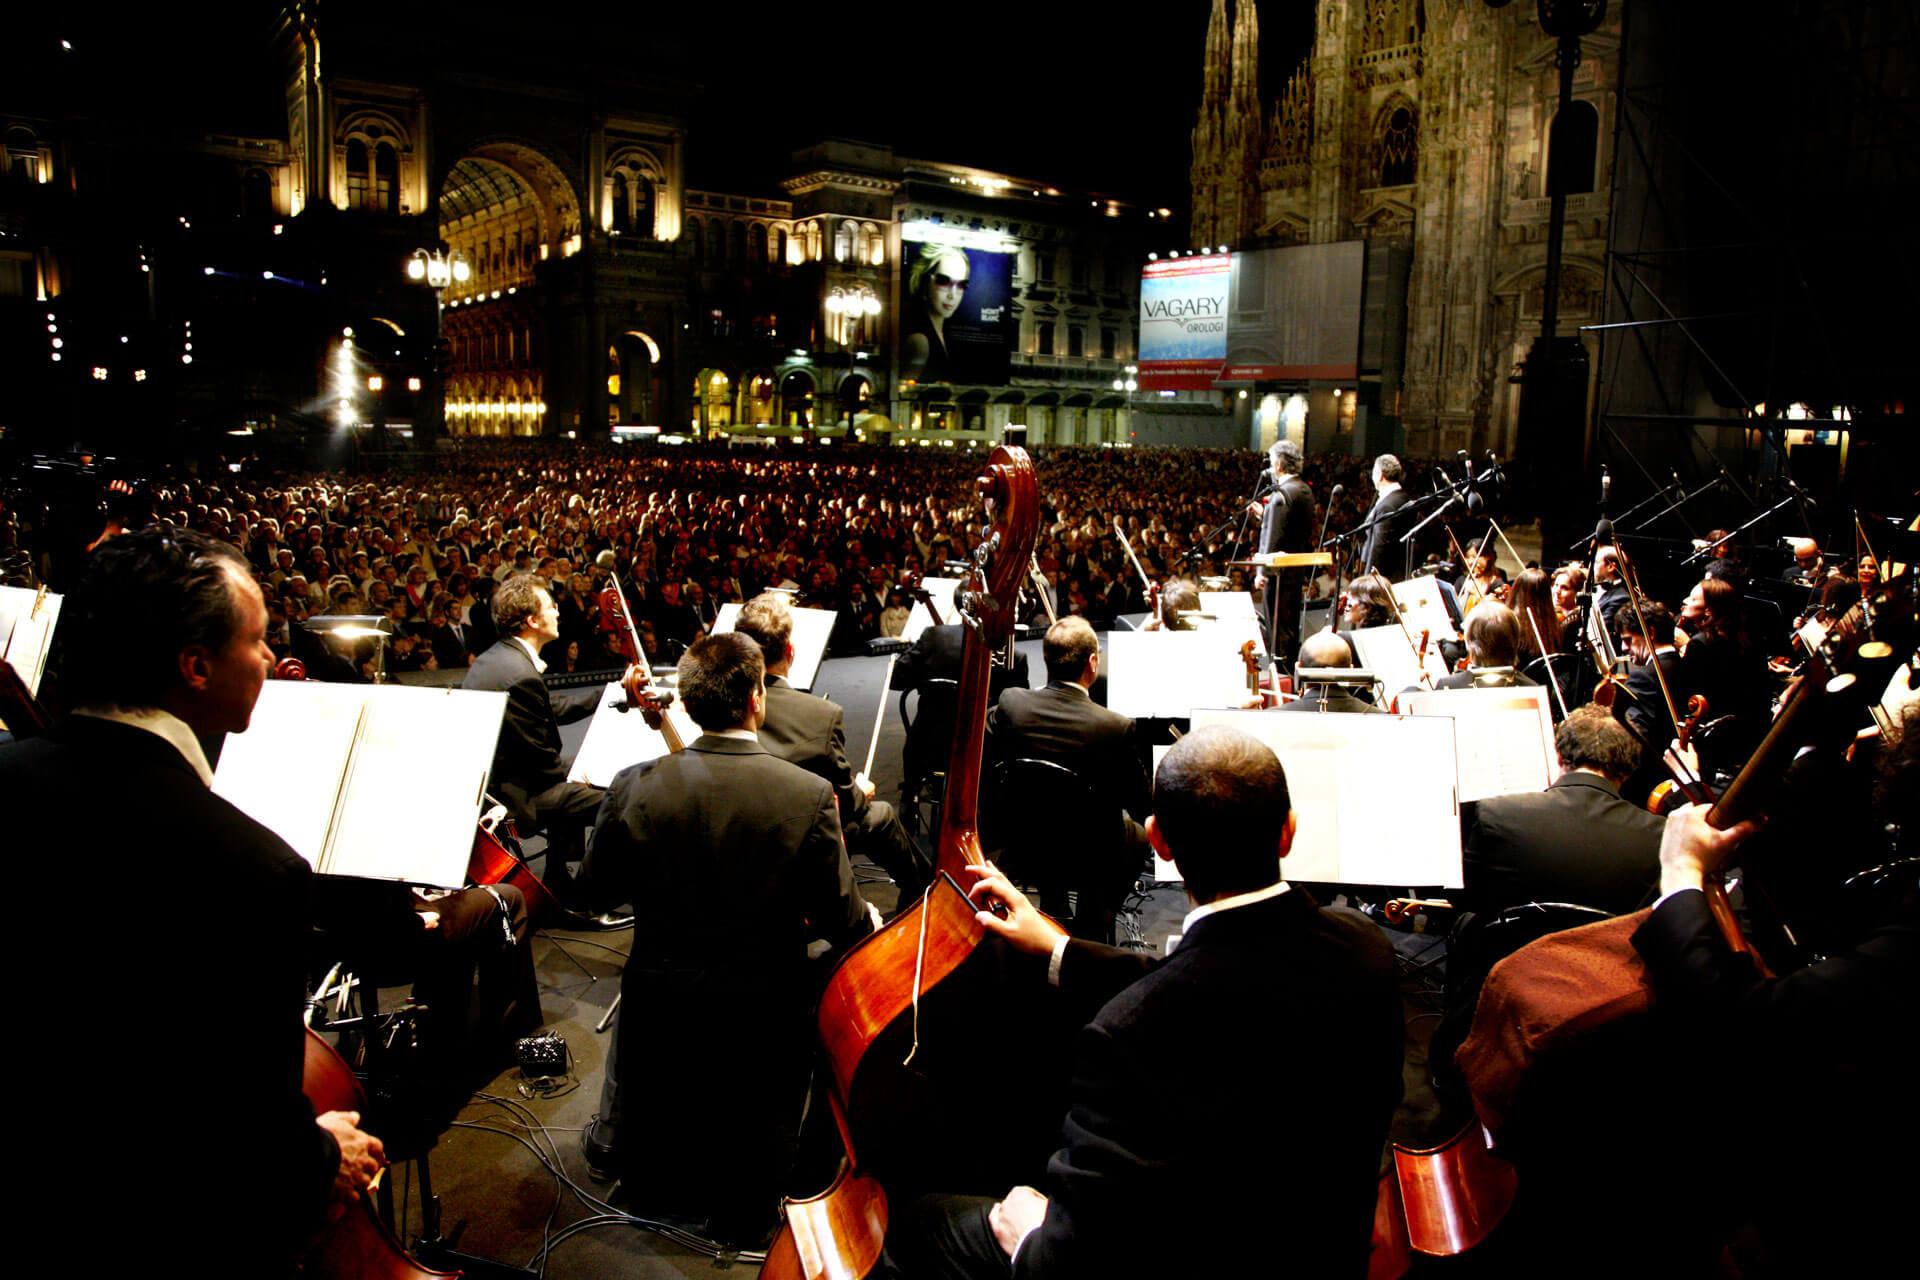 Anniversario Repubblica Italiana, Piazza Duomo, Milano